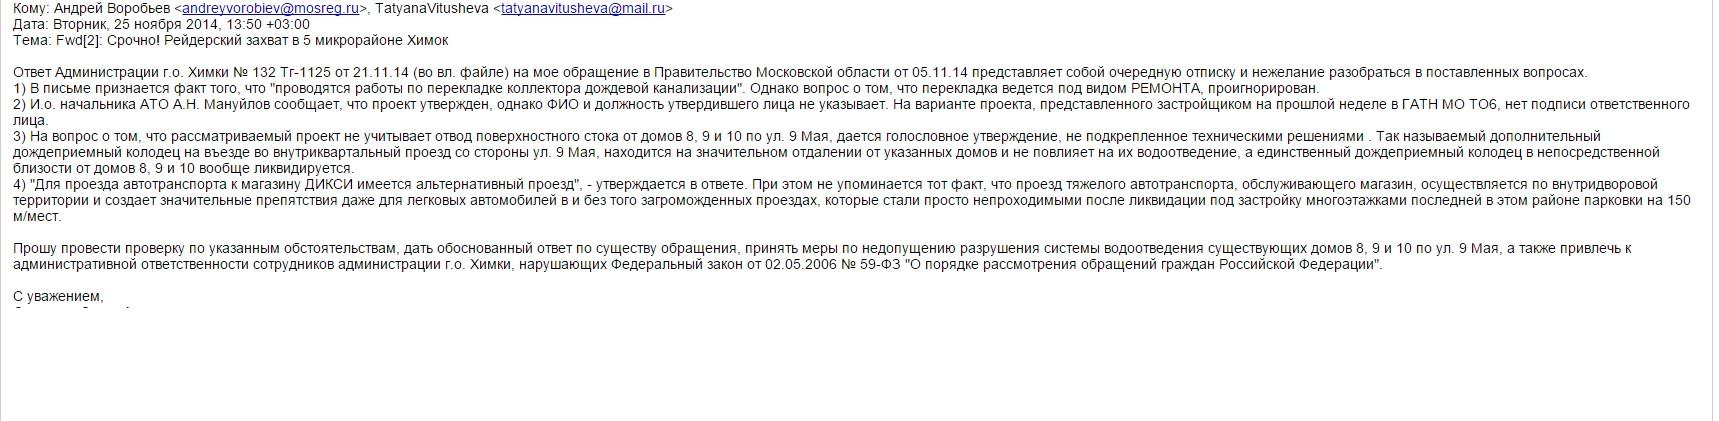 Тихимирова 25-11-2014 губернатору и в госадмтехнадзор